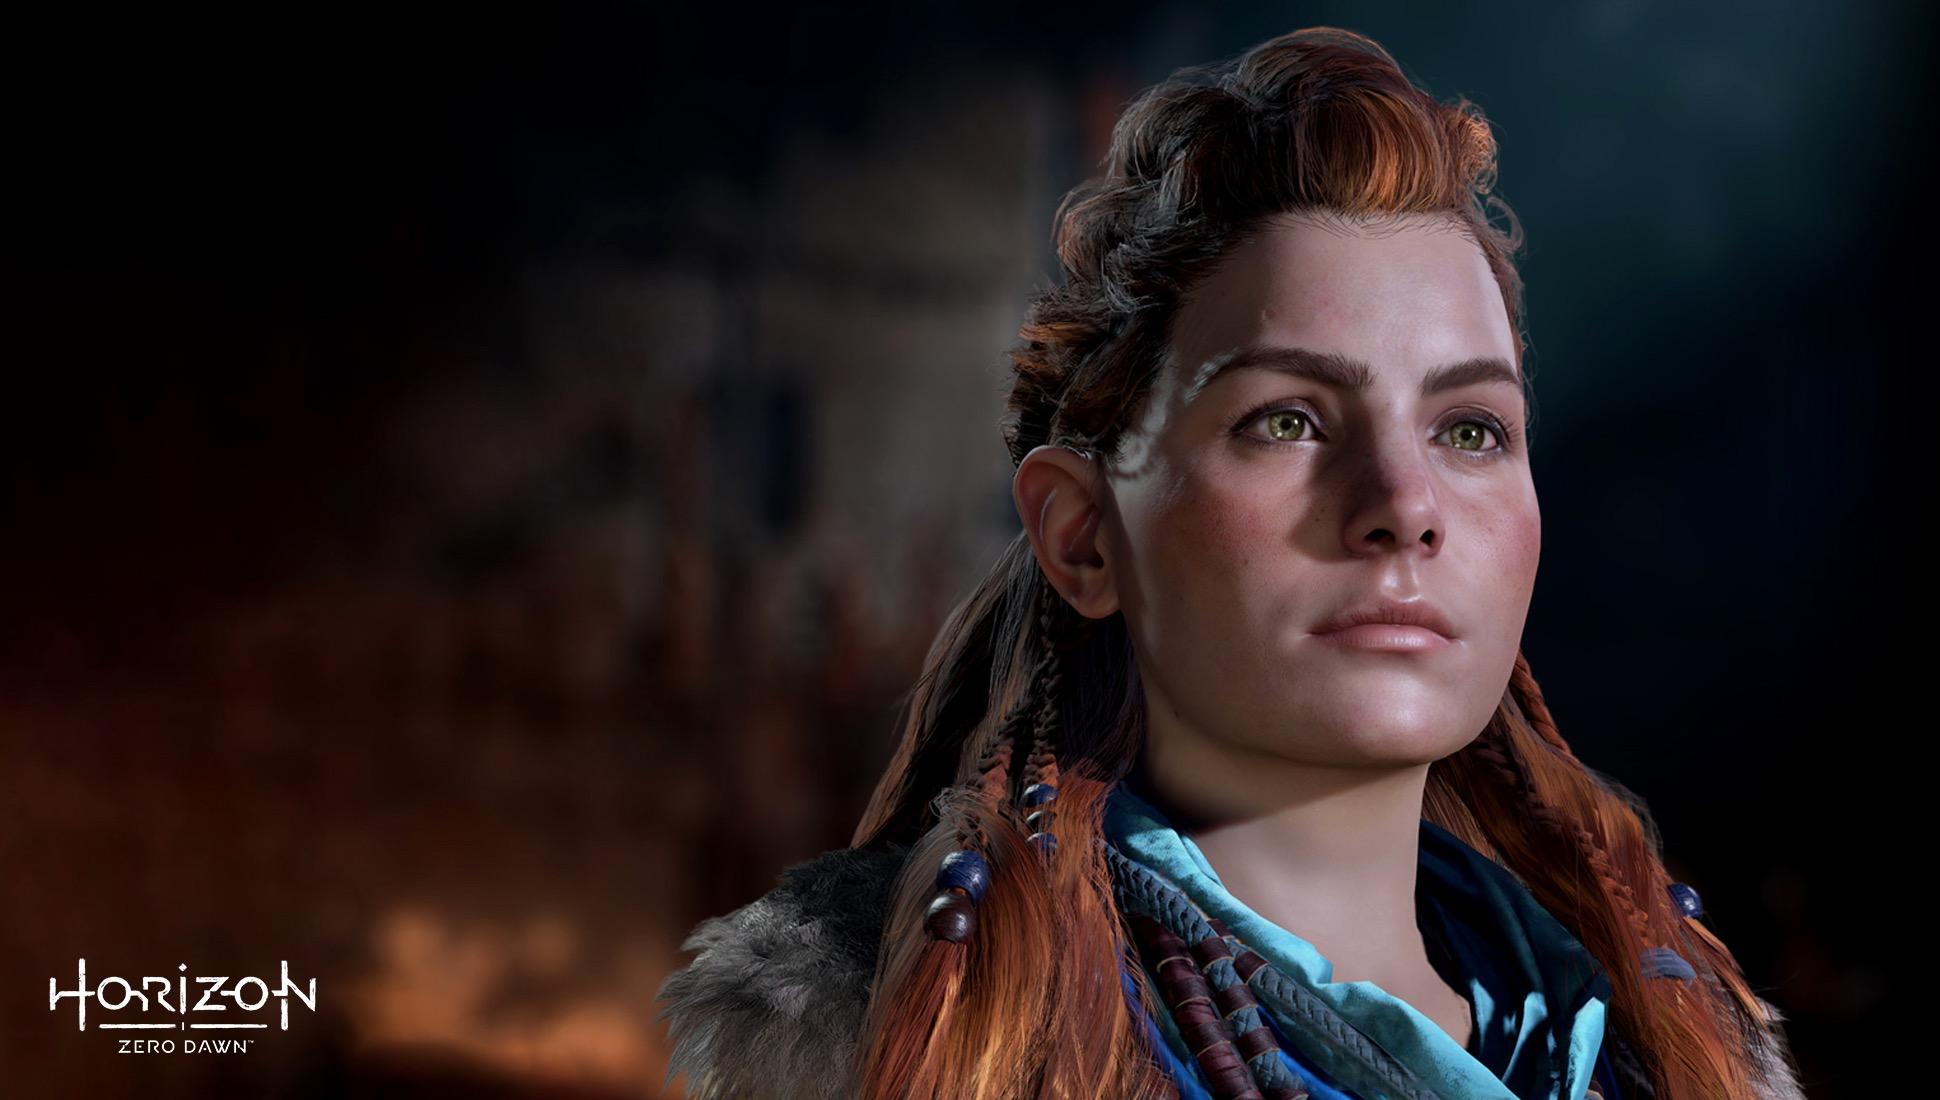 Характер Элой, модели персонажей и улучшения для PS5 - новые подробности Horizon Forbidden West 1